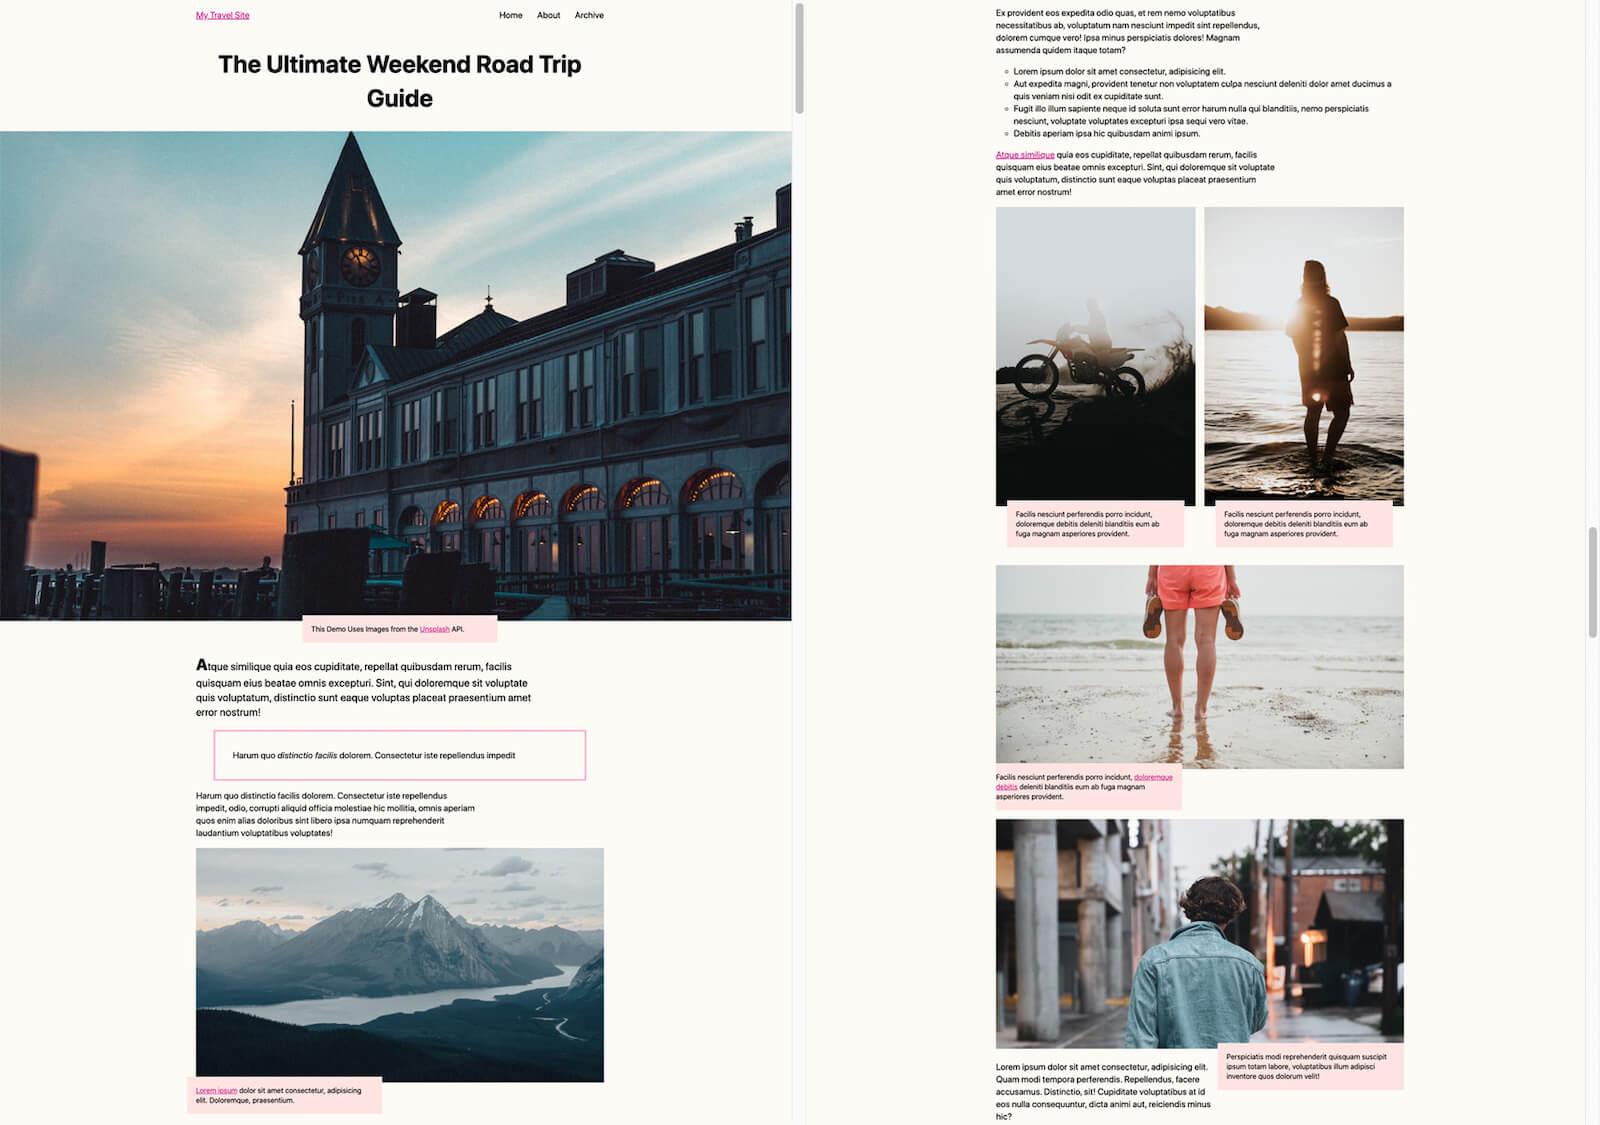 A screenshot of a travel blog.